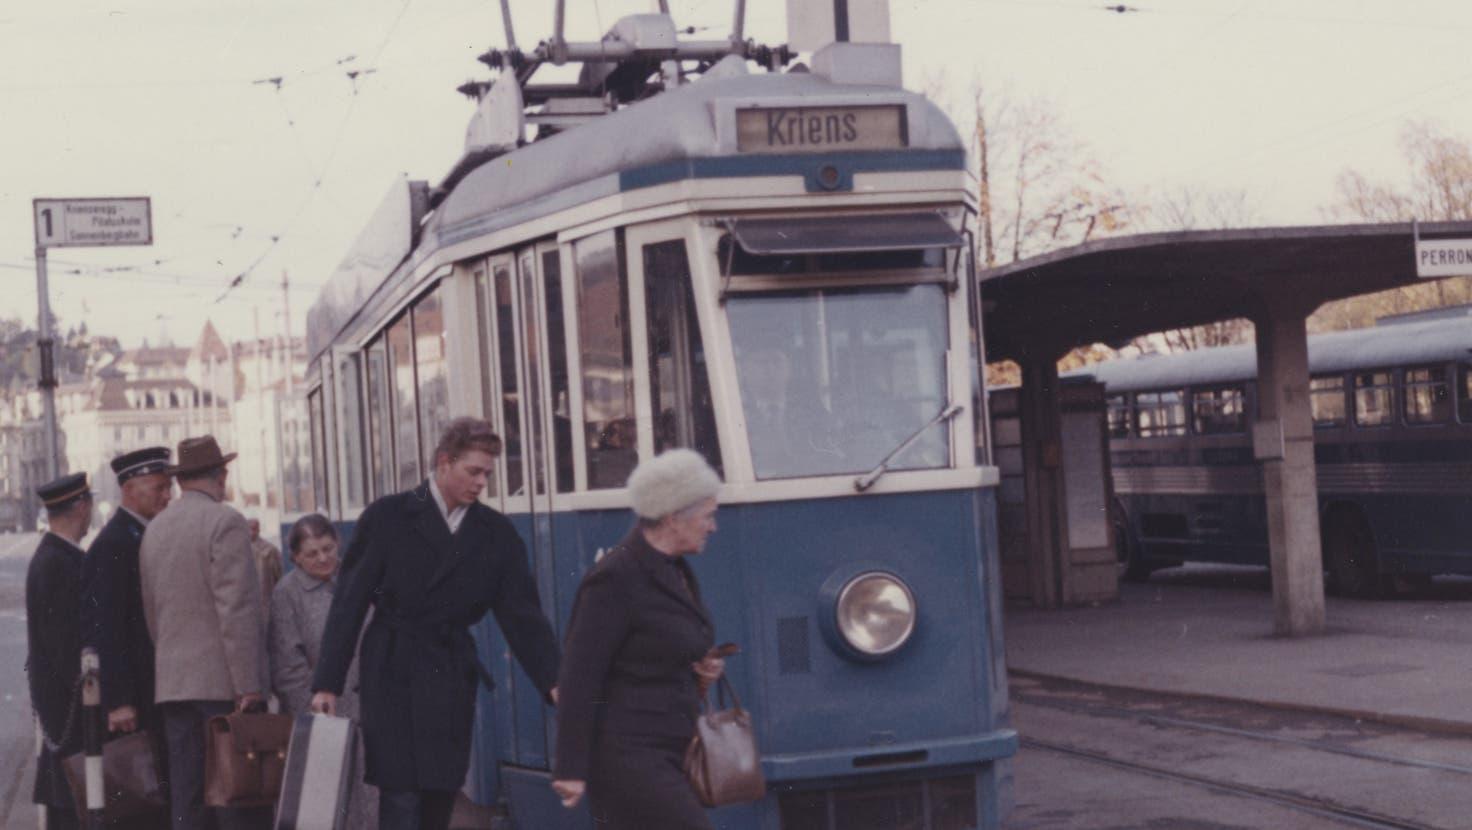 Von 1899 bis 1961 fuhren in der Stadt Luzern Trams. (Bild: VBL/www.vbl.ch)